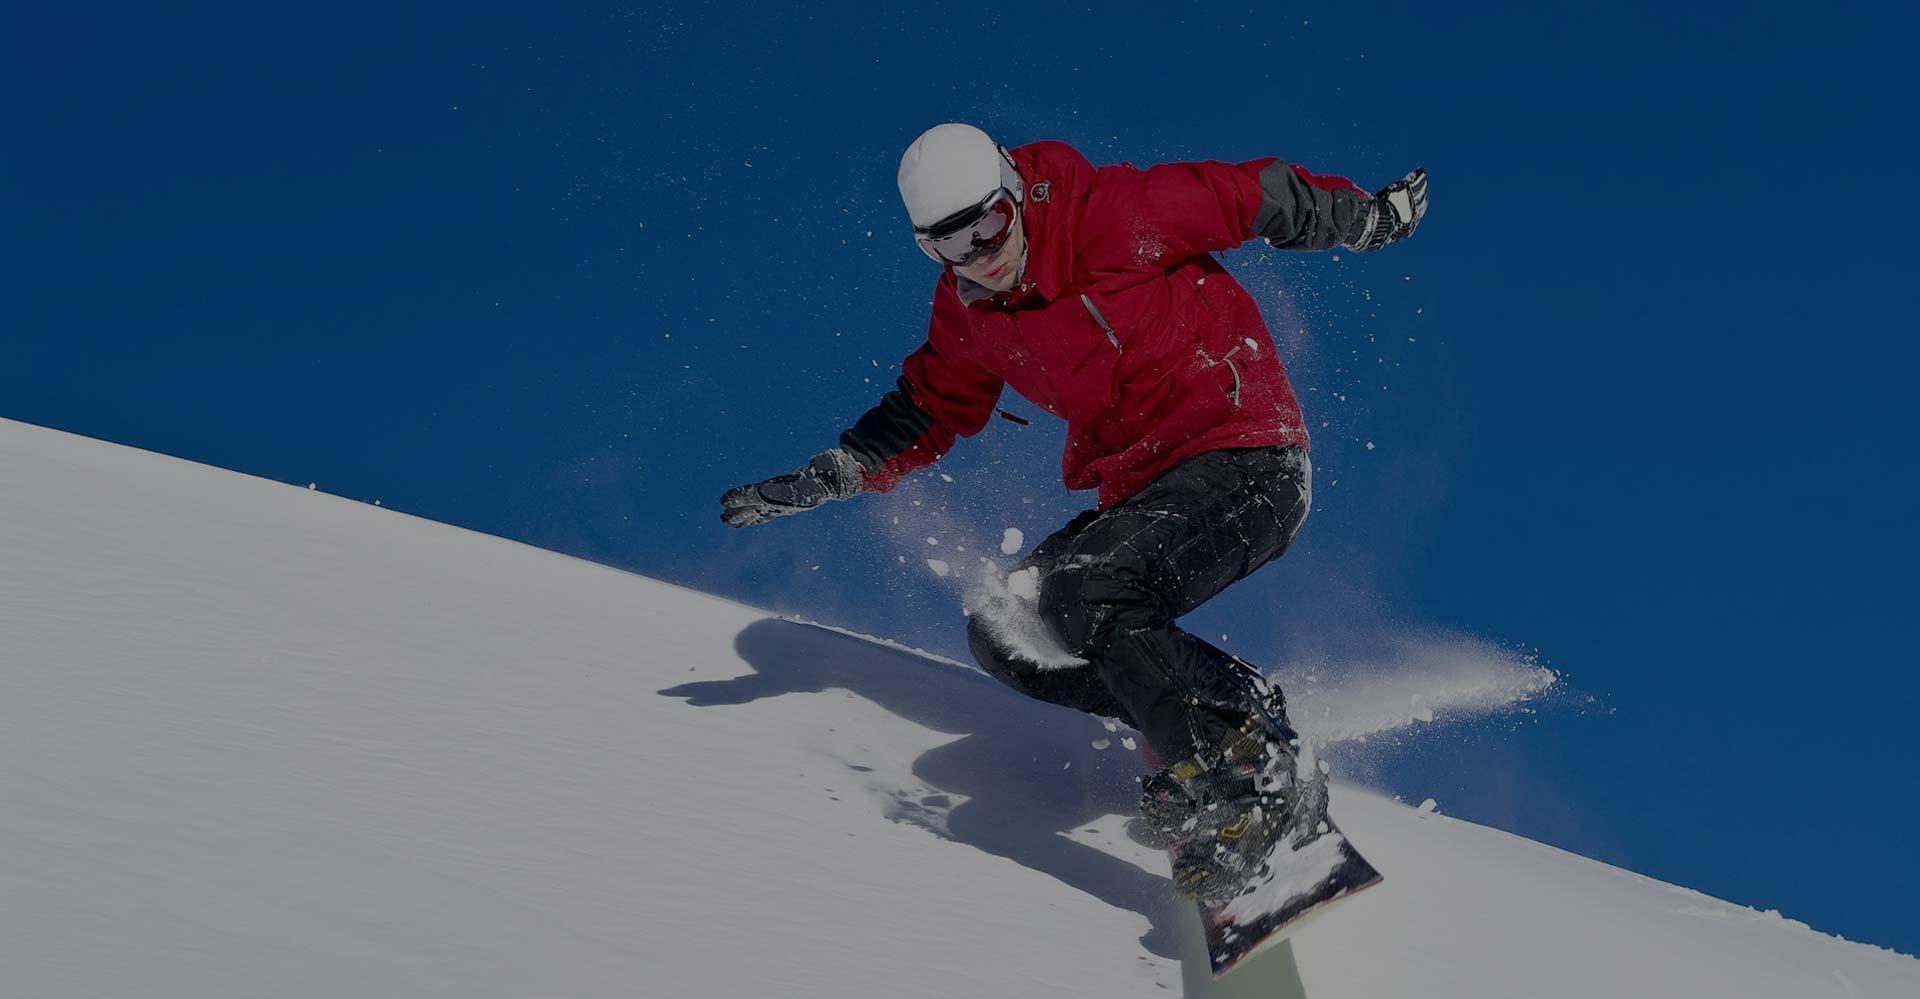 Snowboarder at Ponte di Legno